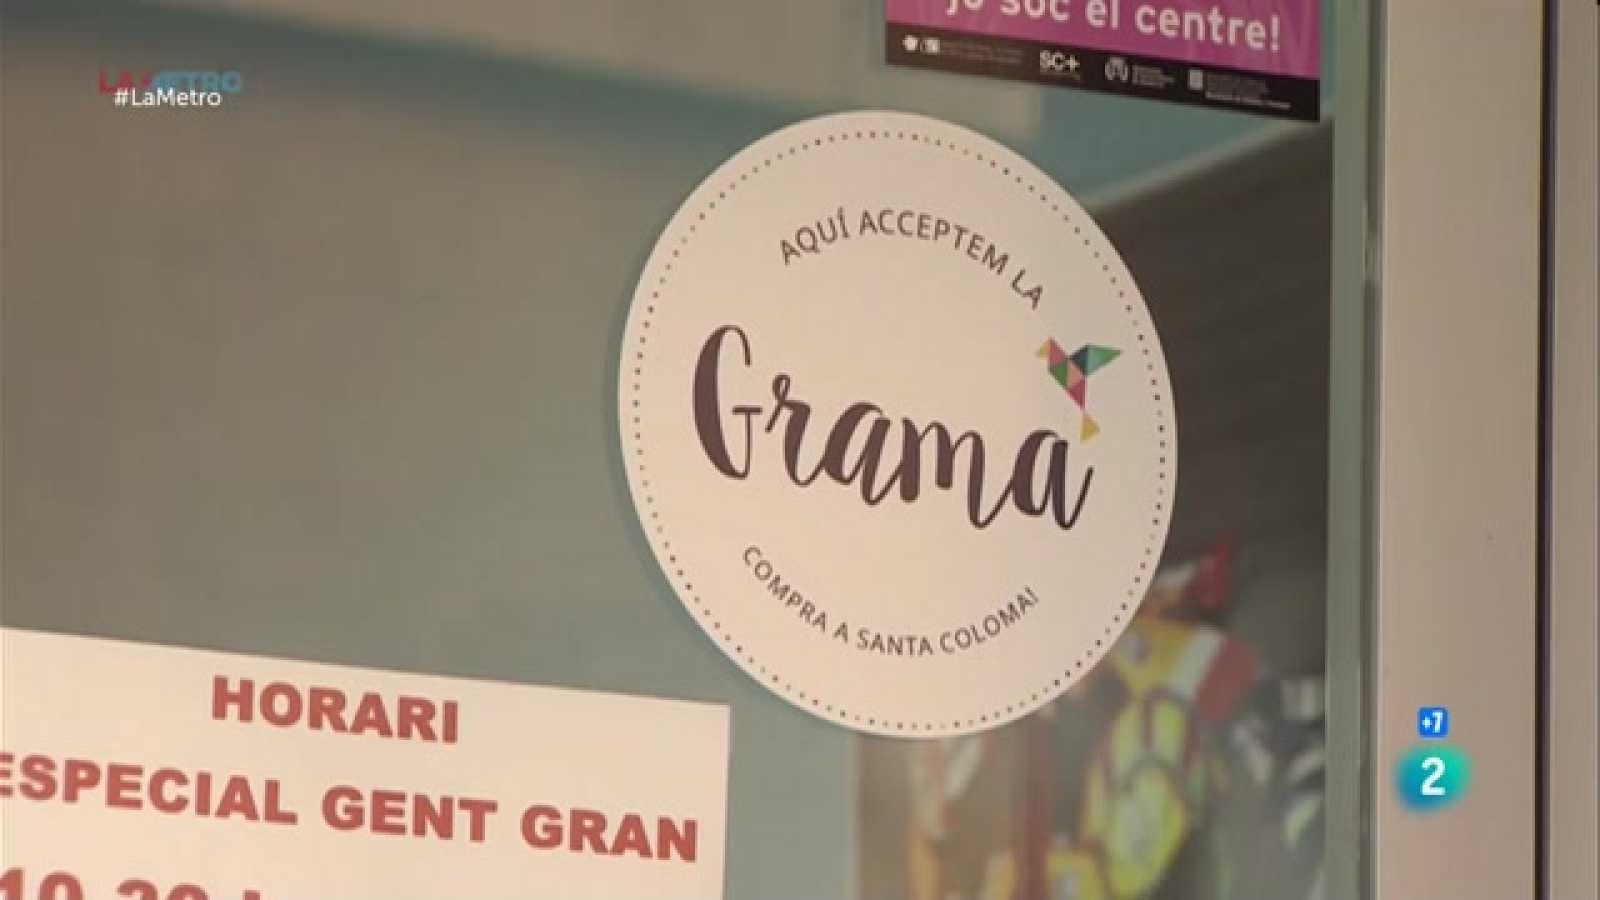 Us expliquem com funciona la grama, la moneda virtual que ja fan servir uns vuitcents establiments a Santa Coloma de Gramenet